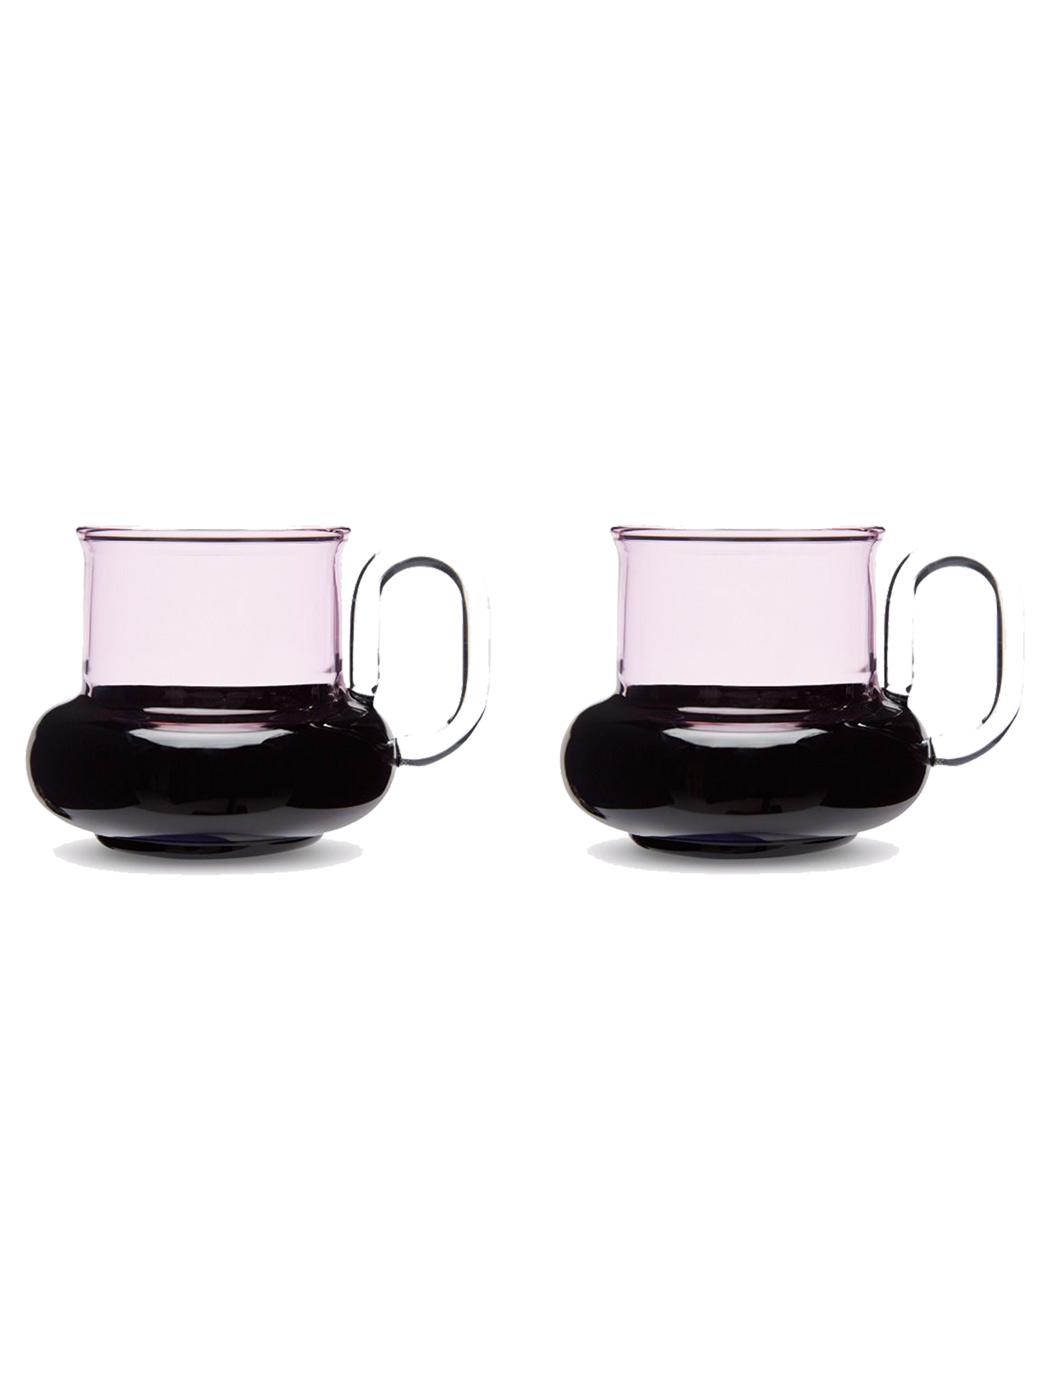 Bump Tea Cup Set By Tom Dixon